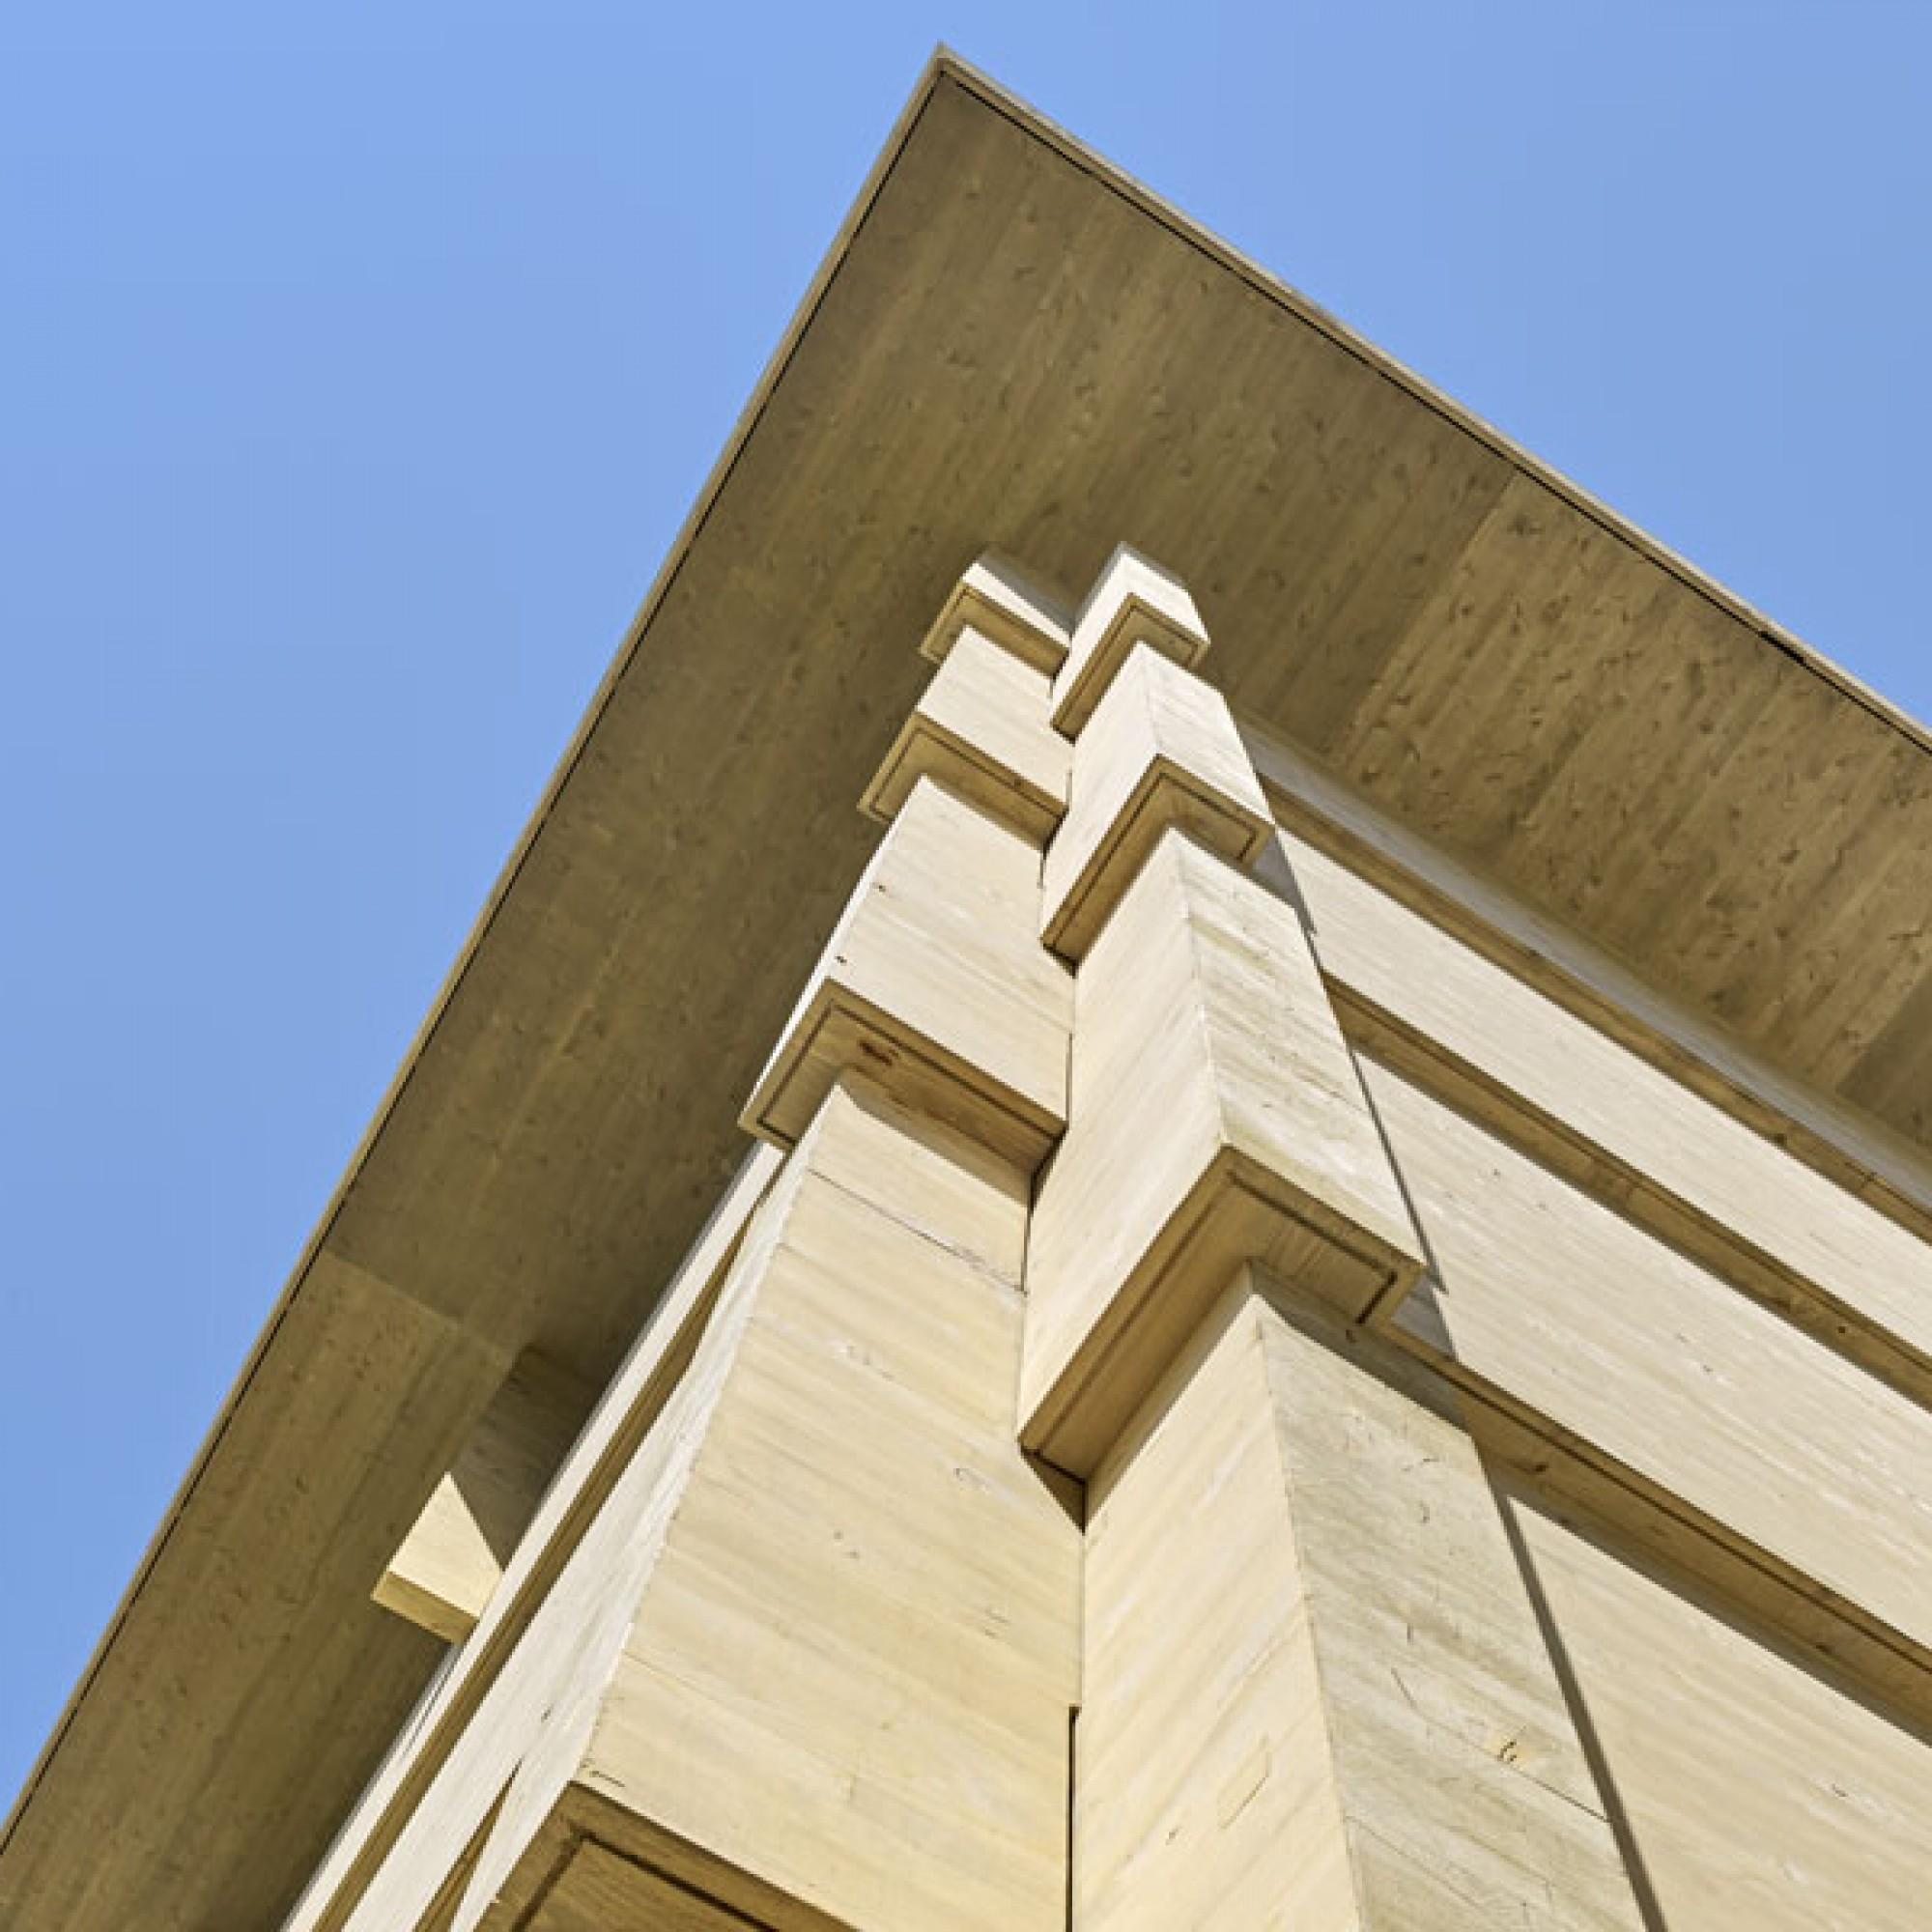 Übergross: 10 Meter hoch, 30 Meter lang und 16,5 Meter breit ist die Holzkonstruktion (Rossetti + Wyss/Jürg Zimmermann)